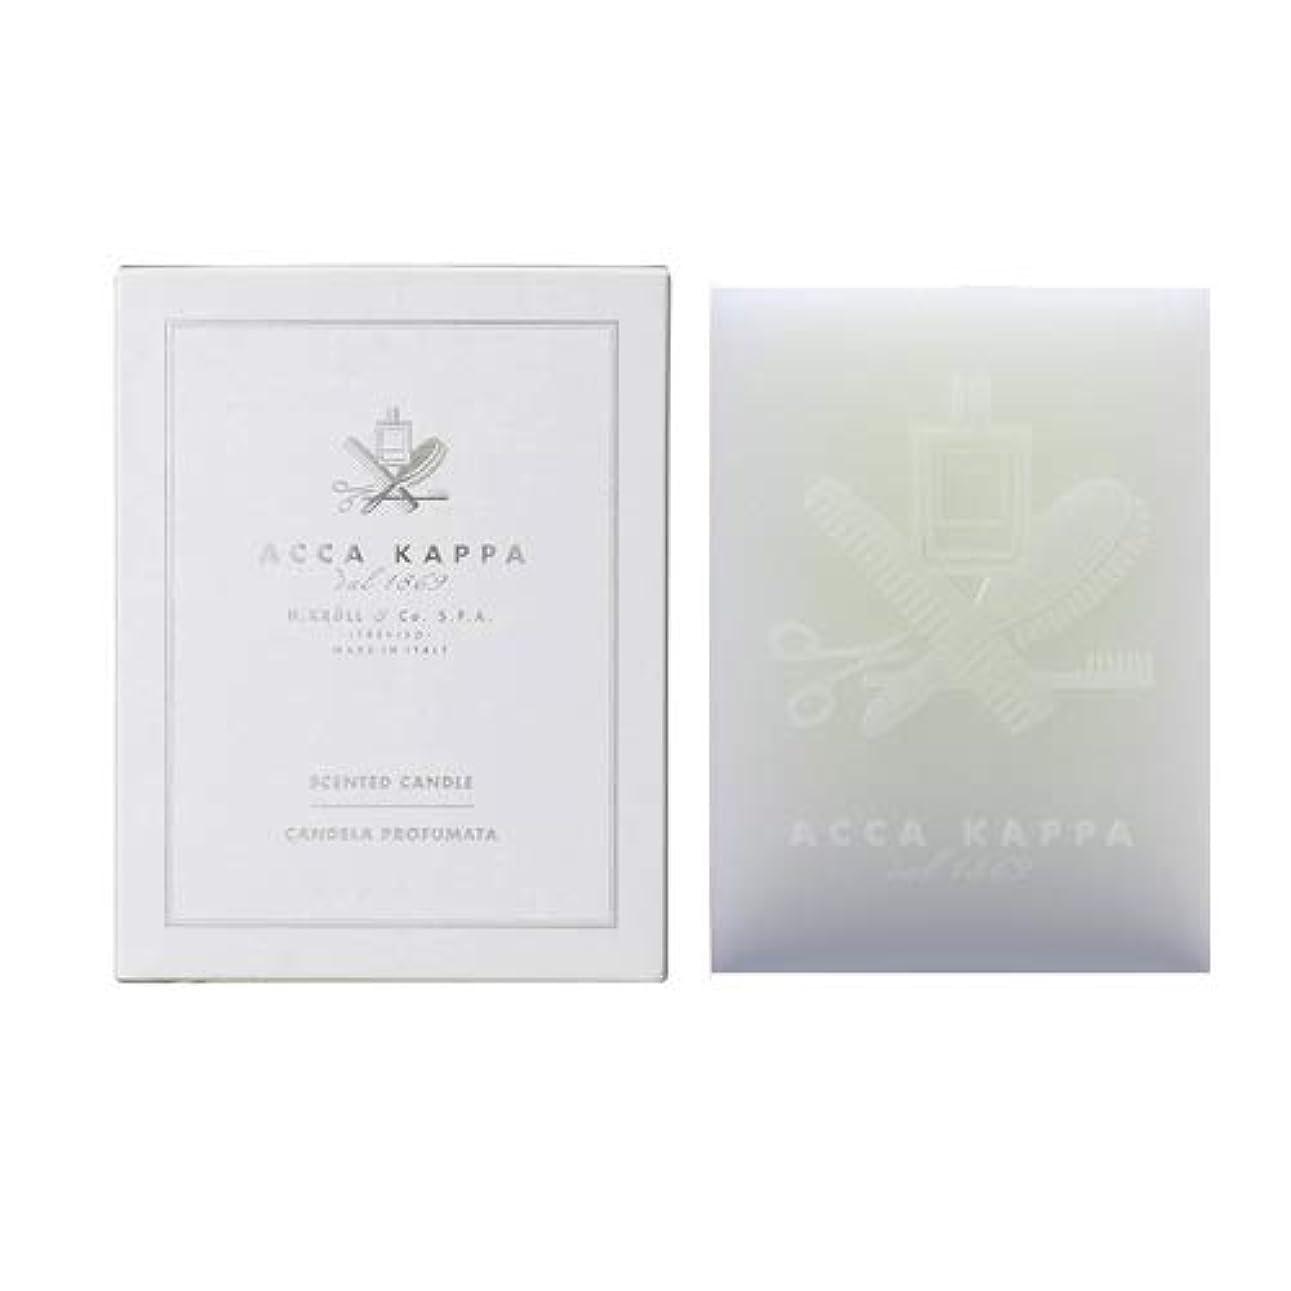 興奮する熟考するトランジスタ【アッカカッパ】ホワイトモスキャンドル 1000g